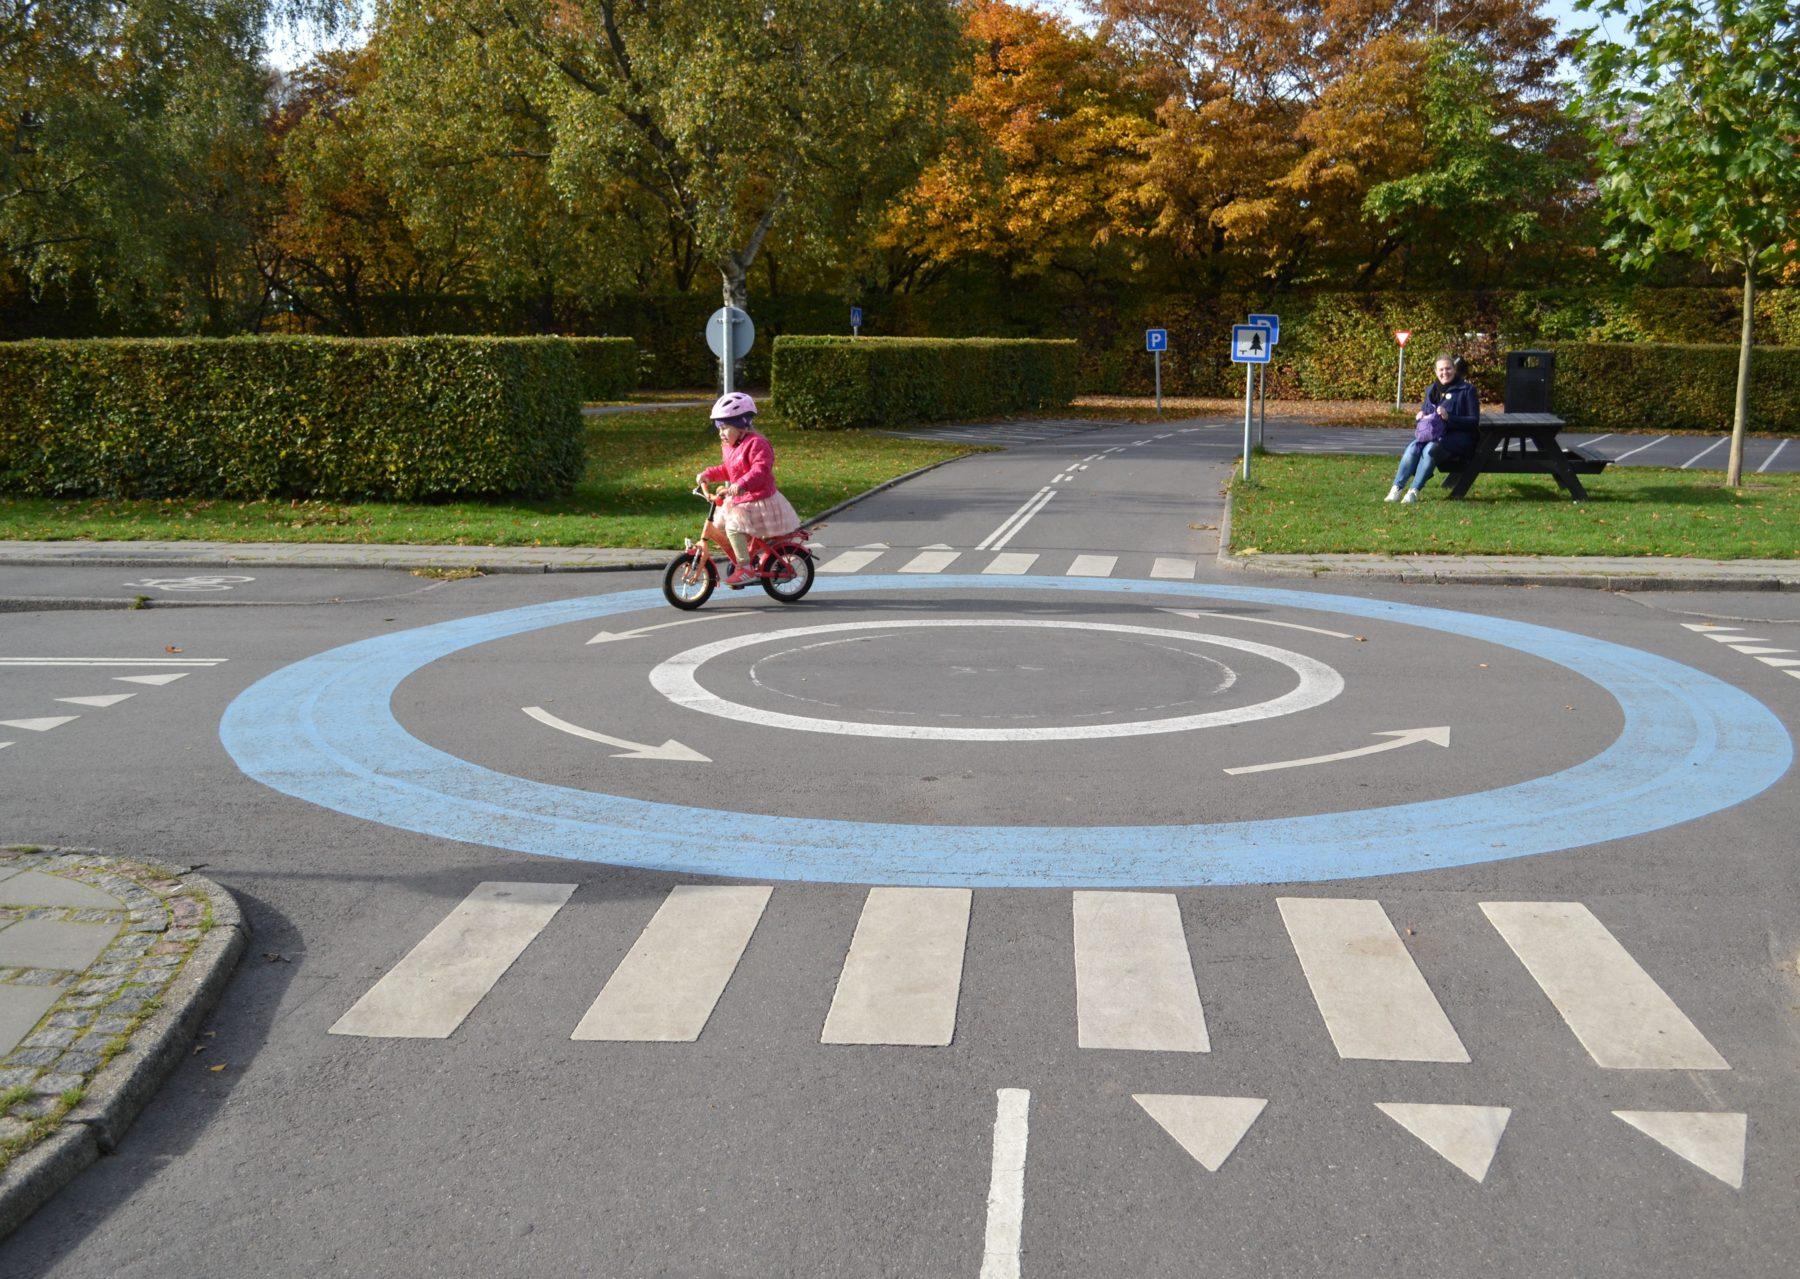 Trafiklekplatsen i Köpenhamn